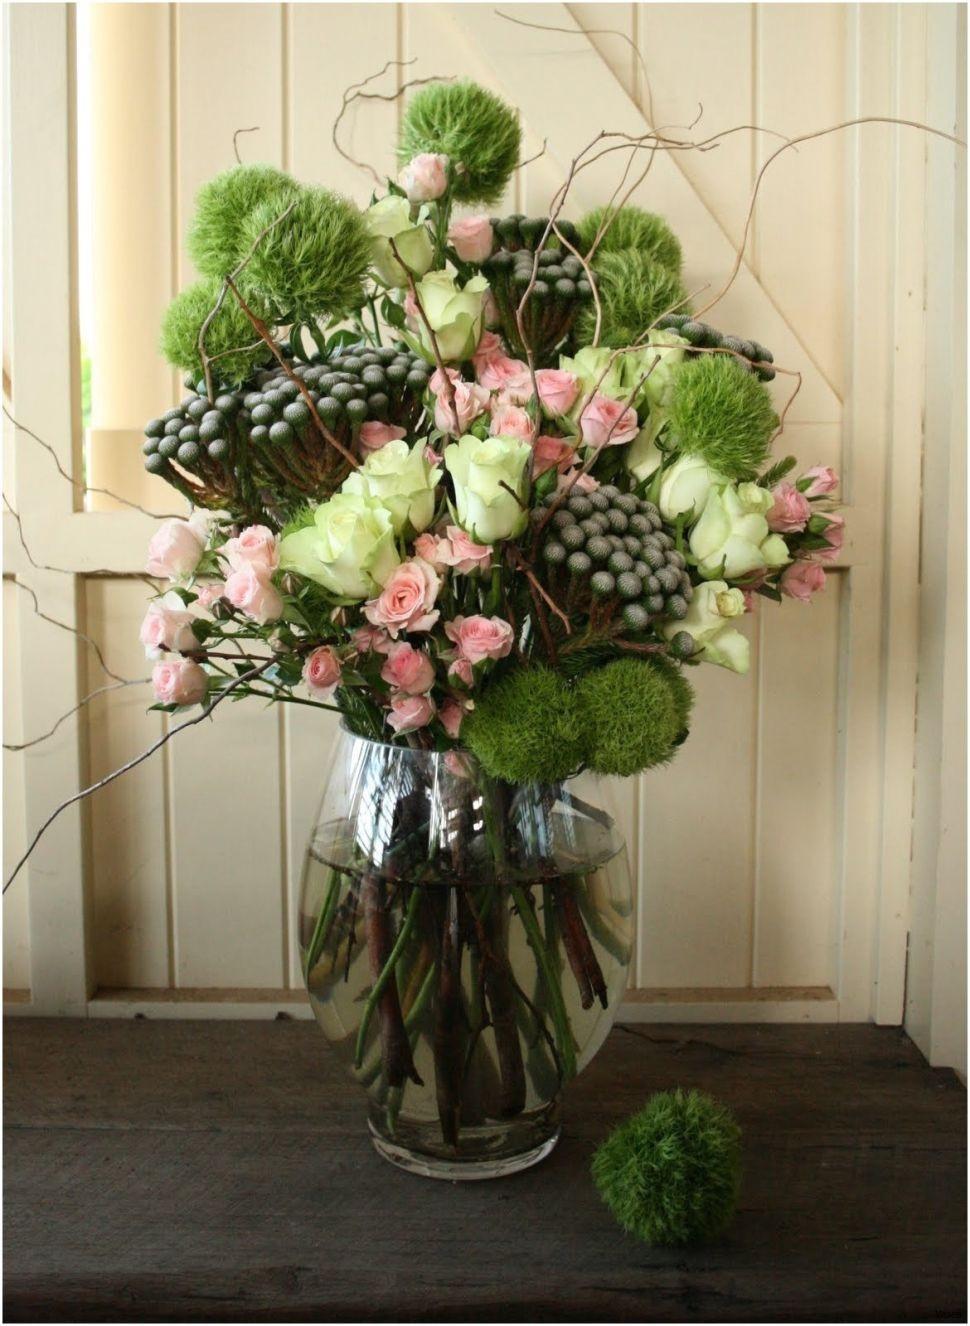 baby shower vases of 26 lovely flower arrangements last longer flower decoration ideas inside fake flower arrangements awful h vases vase flower arrangements i 0d